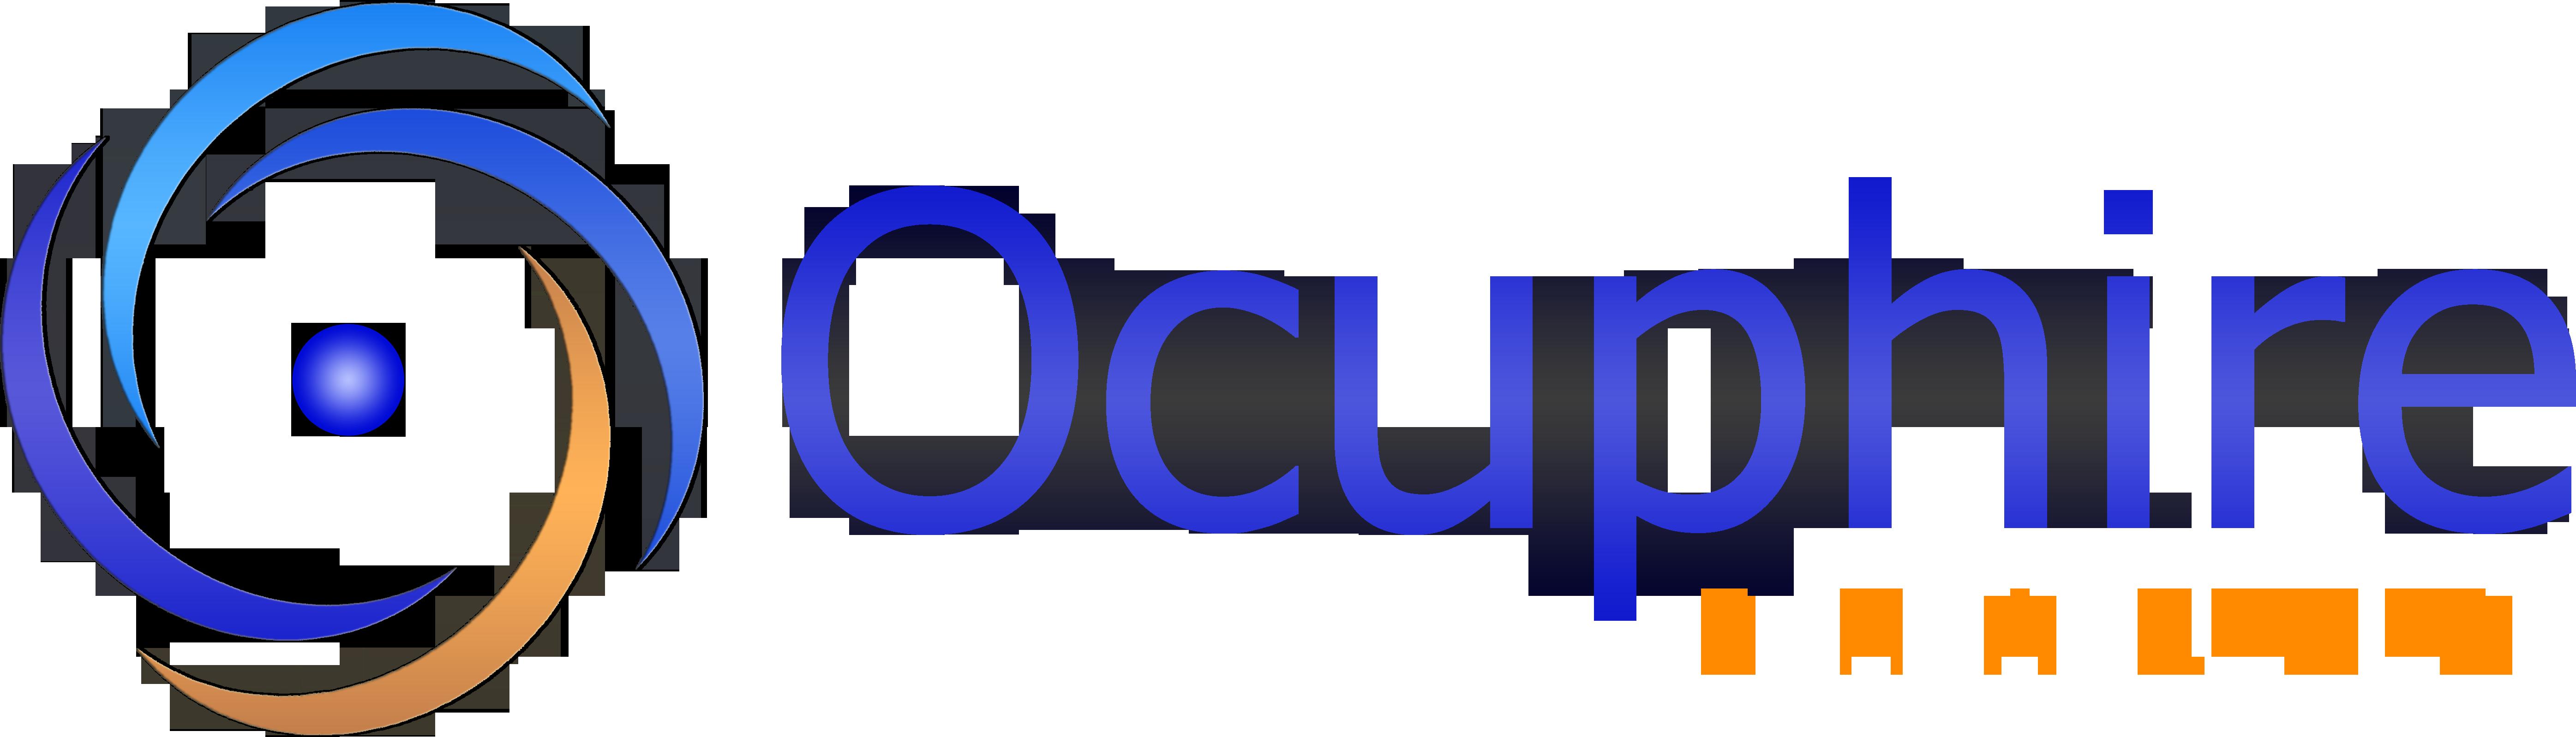 Ocuphire Pharma Raises Over $5M in Funding | FinSMEs